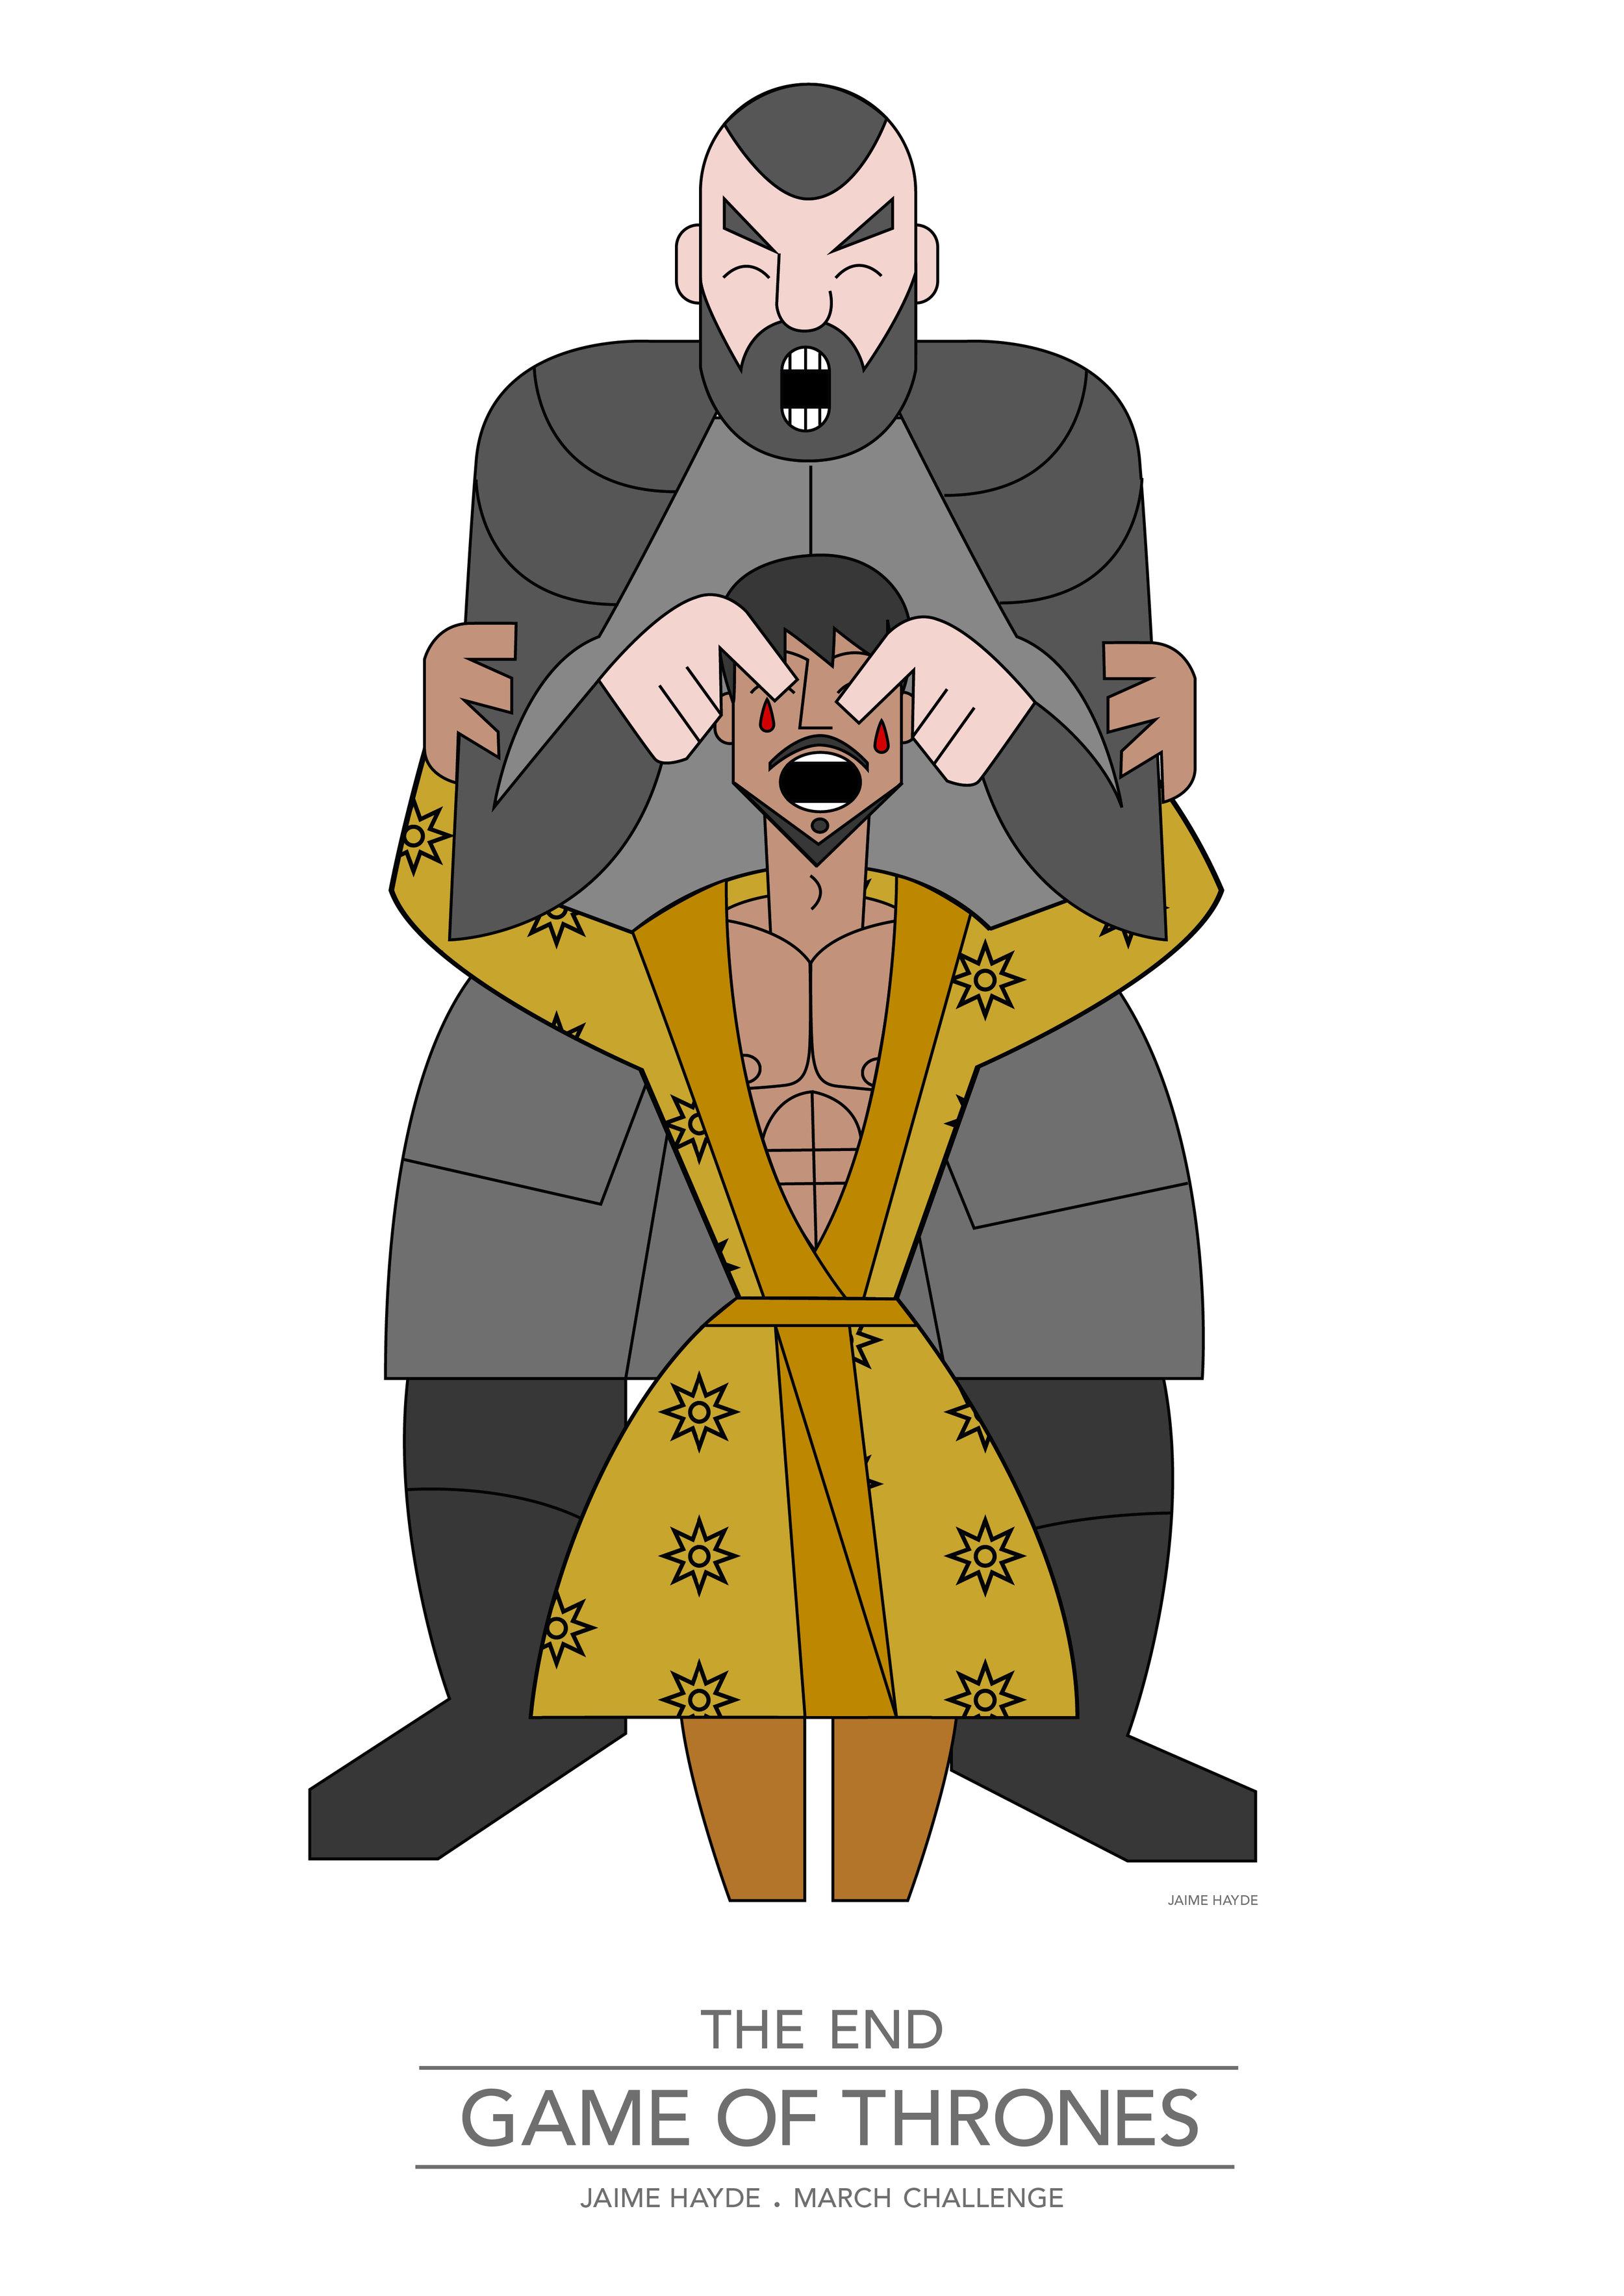 Game-of-thrones-Juego-de-tronos-illustration.jpg